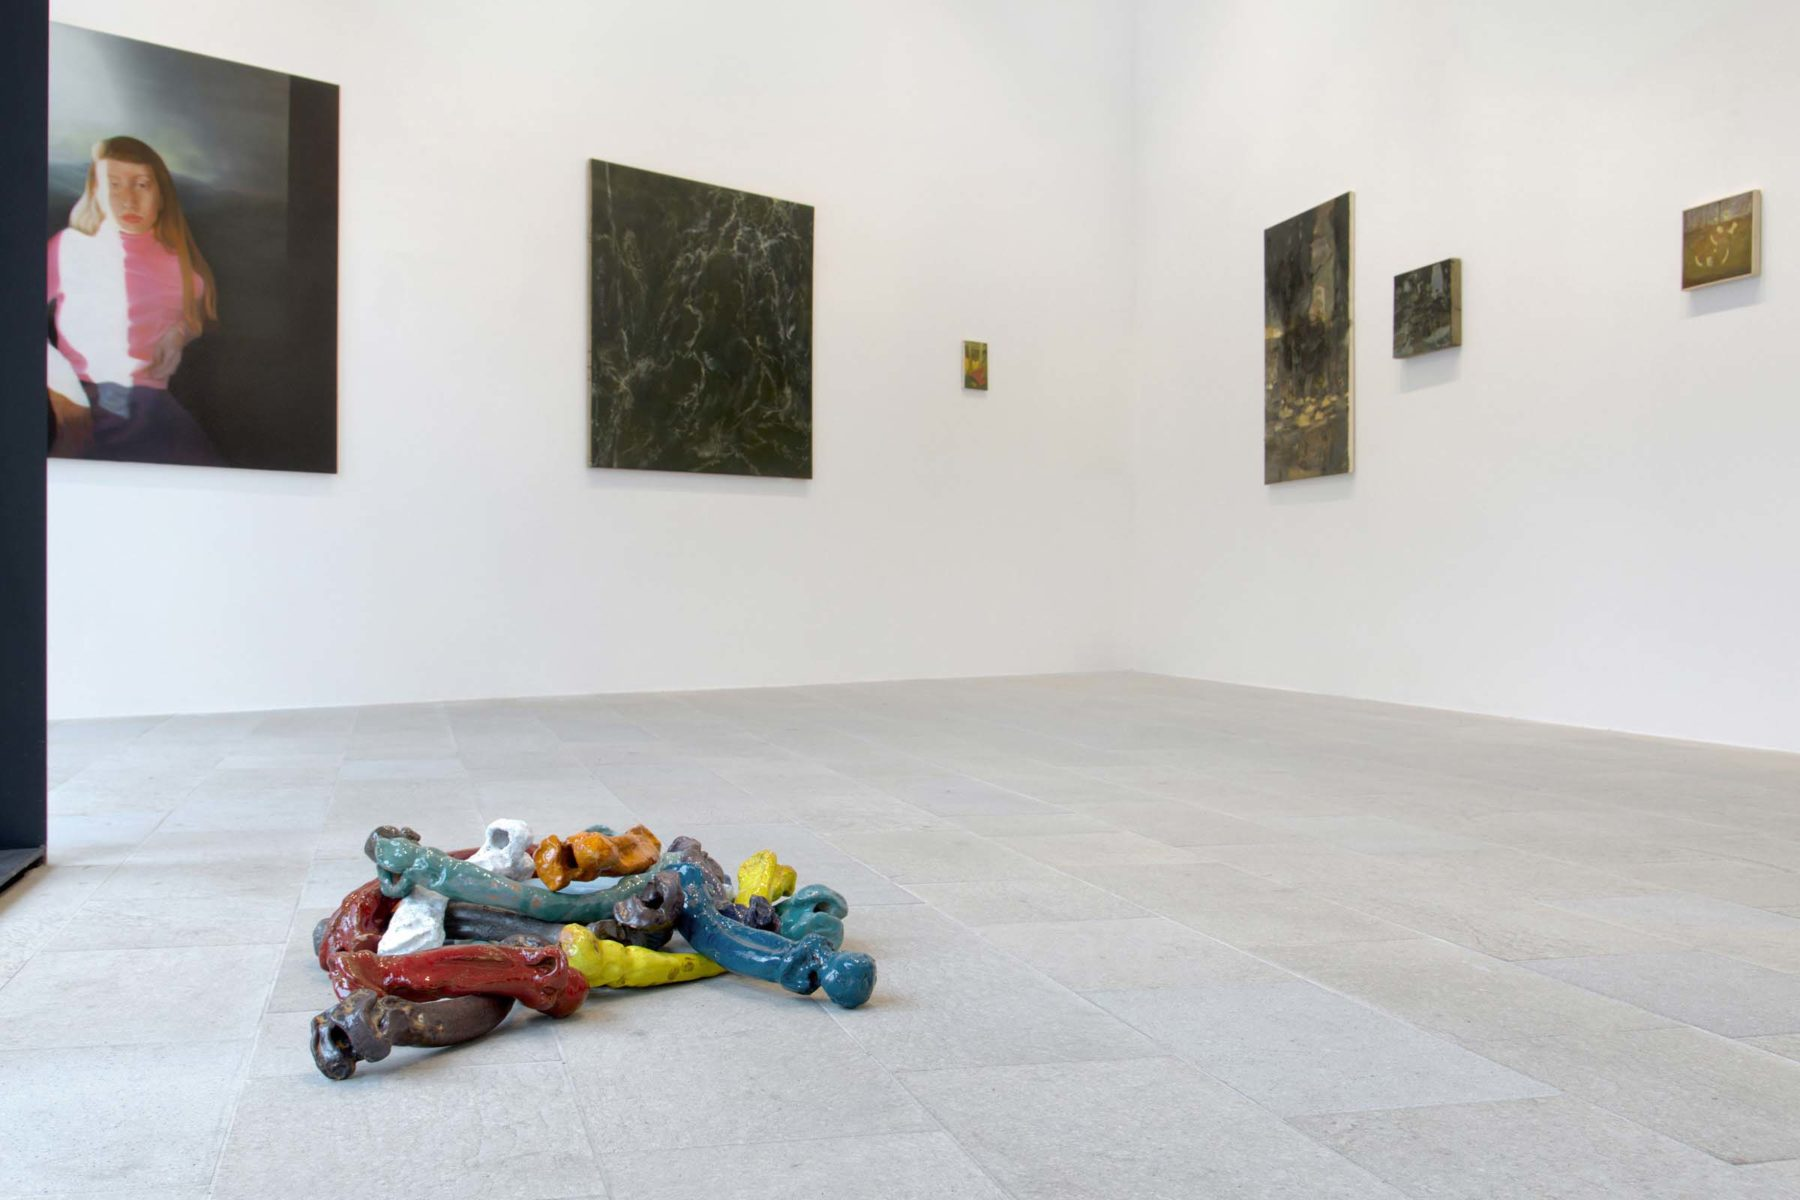 Senza tema, vista della mostra, Galleria Massimodeluca, ph. C. Bettio, Vulcano